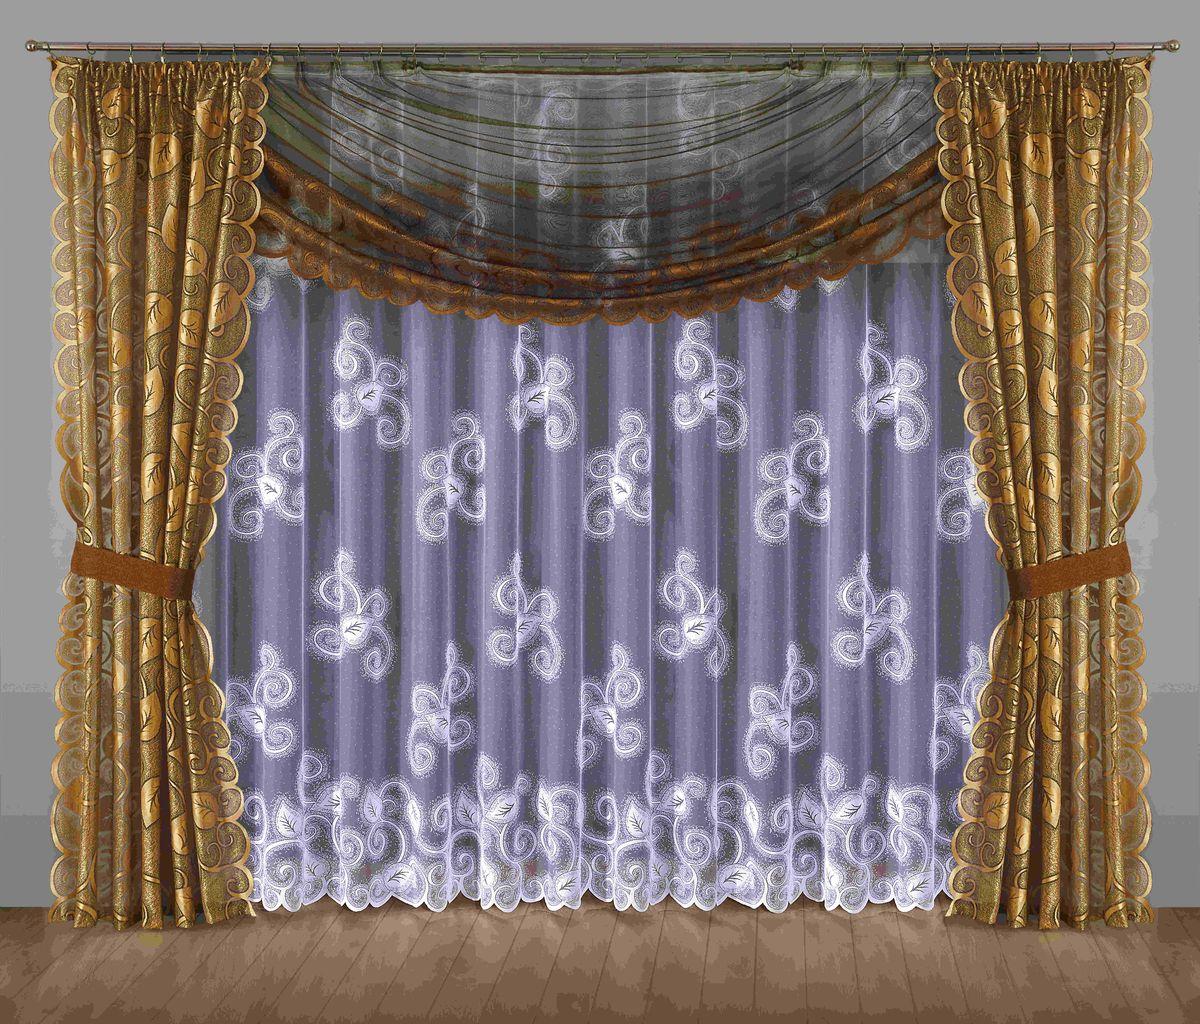 Комплект штор Wisan Ulryka, на ленте, цвет: коричневый, золотой, высота 250 см201WКомплект штор Wisan Ulryka выполненный из полиэстера, великолепно украсит любое окно. В комплект входят 2 шторы, тюль, ламбрекен и 2 подхвата.Интересный крой, и цветочный узор придают комплекту особый стиль и шарм. Тонкое плетение, нежная цветовая гамма и роскошное исполнение - все это делает шторы Wisan Ulryka замечательным дополнением интерьера помещения.Комплект оснащен шторной лентой для красивой сборки. В комплект входит: Штора - 2 шт. Размер (ШхВ): 145 см х 250 см. Тюль - 1 шт. Размер (ШхВ): 400 см х 250 см. Ламбрекен - 1 шт. Размер (ШхВ): 350 см х 145 см. Подхват - 2 шт.Фирма Wisan на польском рынке существует уже более пятидесяти лет и является одной из лучших польских фабрик по производству штор и тканей. Ассортимент фирмы представлен готовыми комплектами штор для гостиной, детской, кухни, а также текстилем для кухни (скатерти, салфетки, дорожки, кухонные занавески). Модельный ряд отличает оригинальный дизайн, высокое качество. Ассортимент продукции постоянно пополняется.